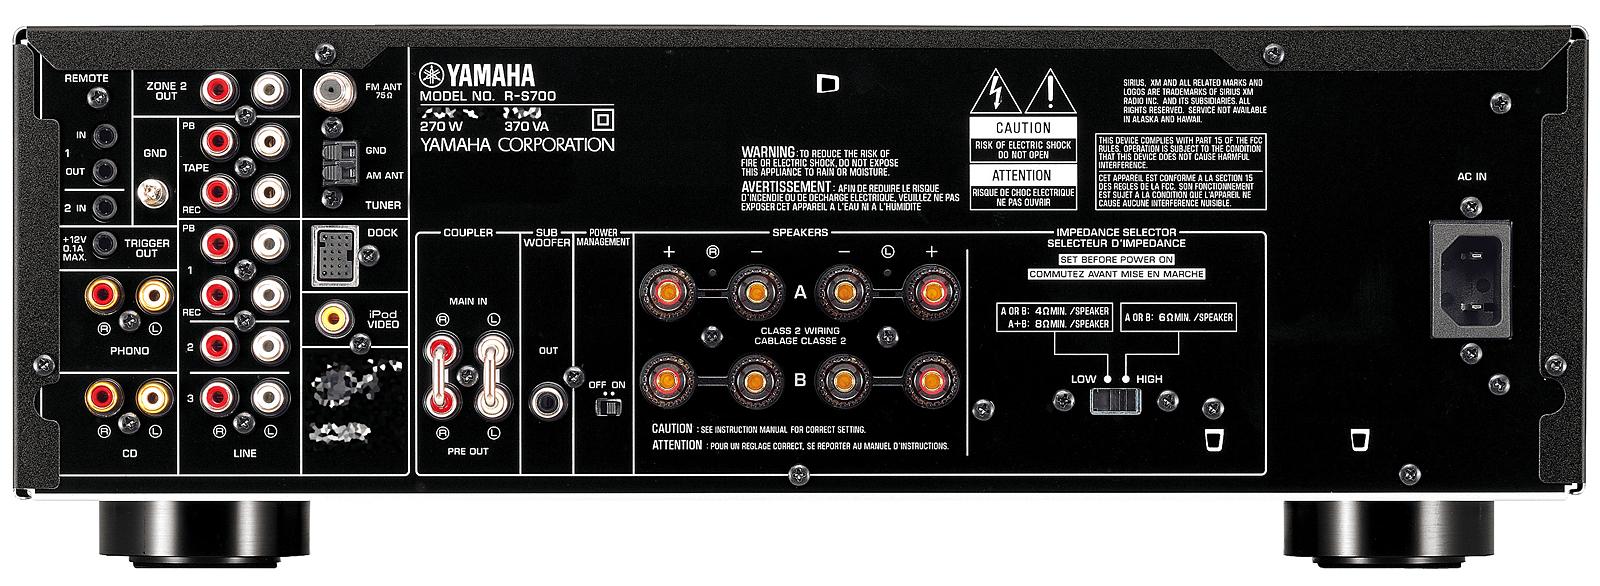 Sony mhc rg475s схема фото 409